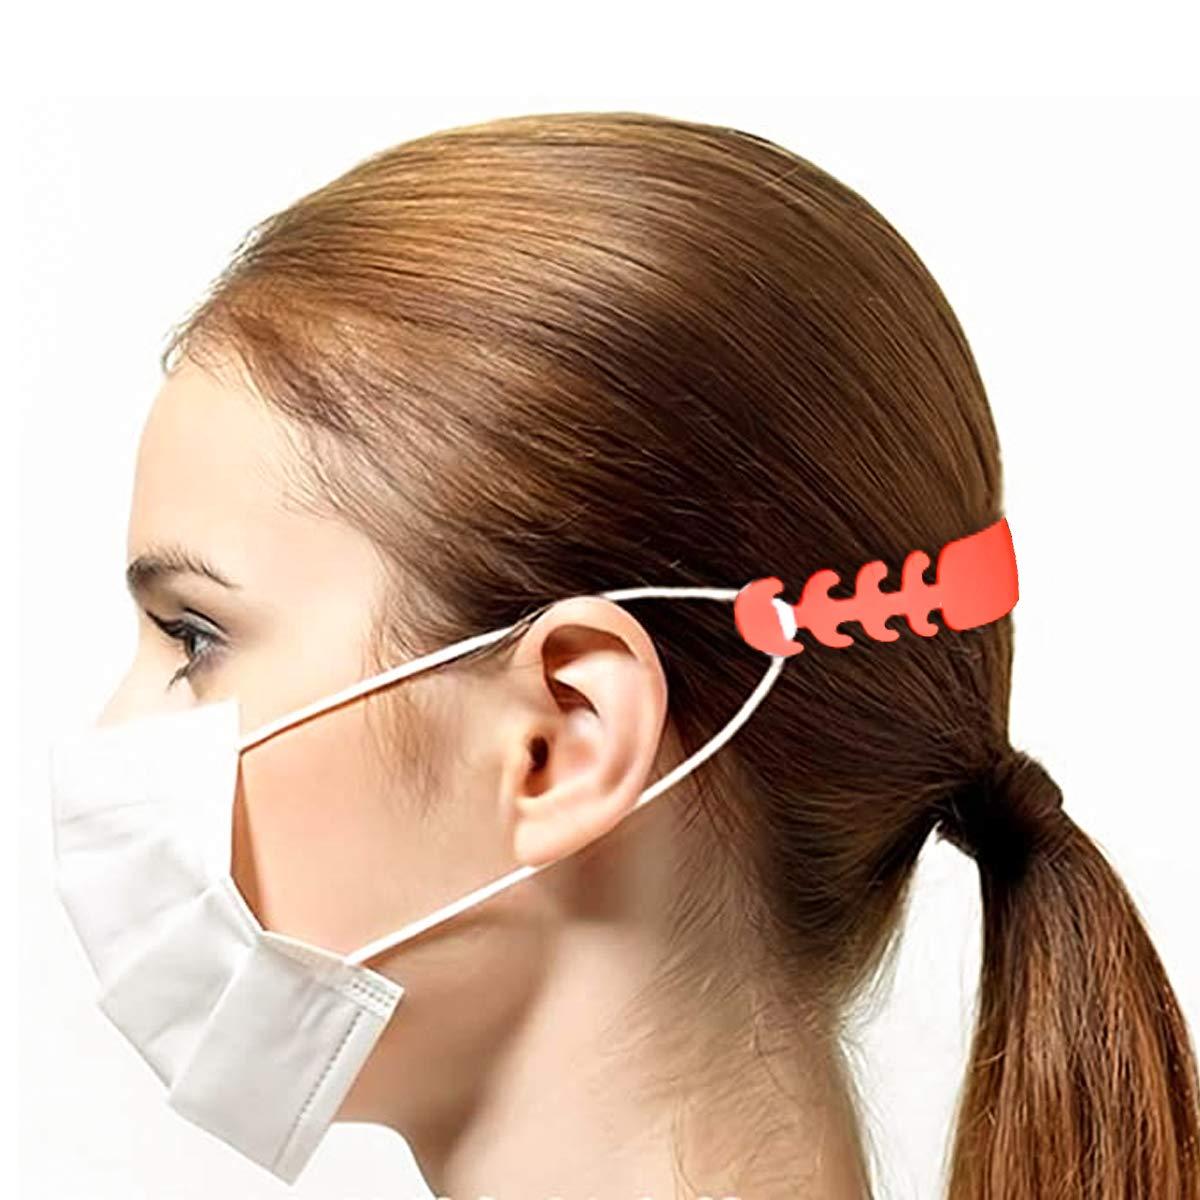 6 Piezas Gancho de extensión para Mascarillas Prevenir el Dolor de Oído, Extensor de Correa de Máscara Hebilla de Extensión de Máscara Ajustable Gancho De Extensión